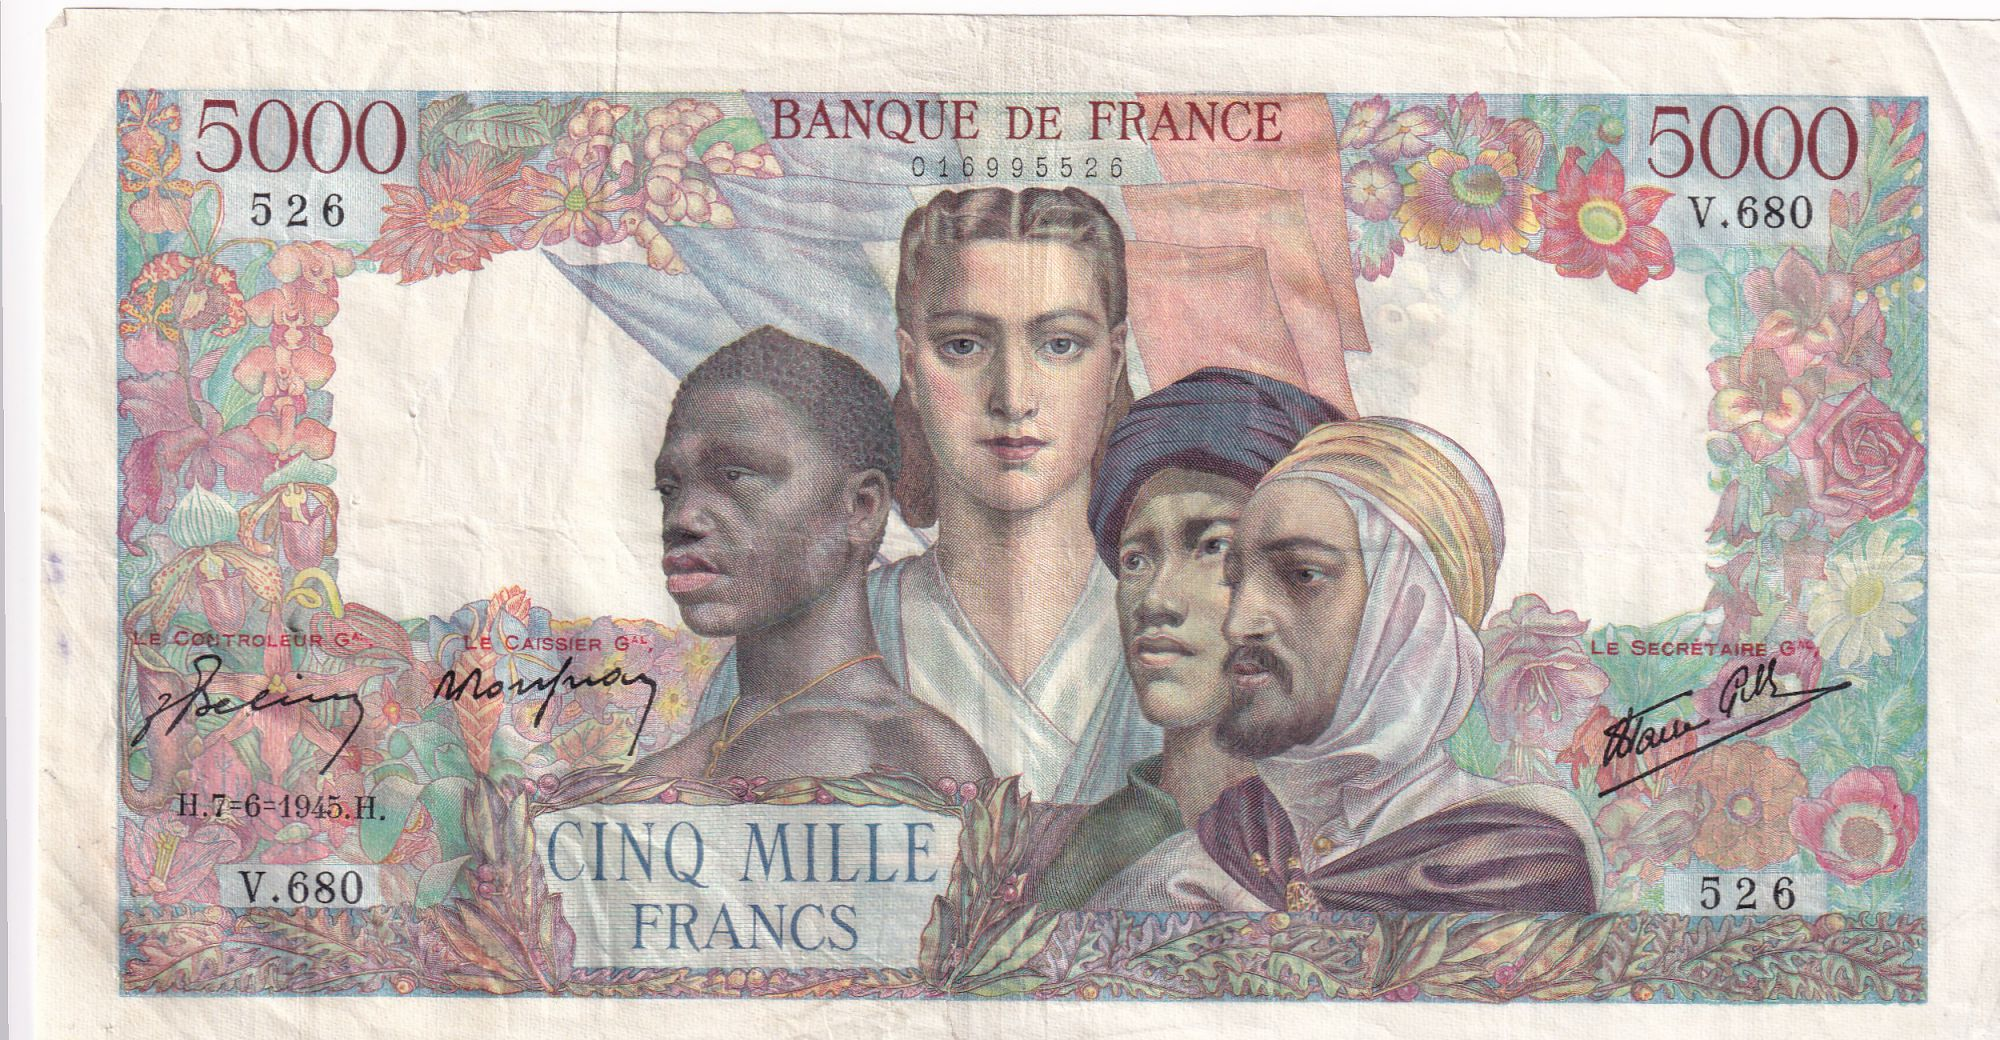 France 5000 Francs Empire Français - 07-06-1945 Série V.680 - PTTB